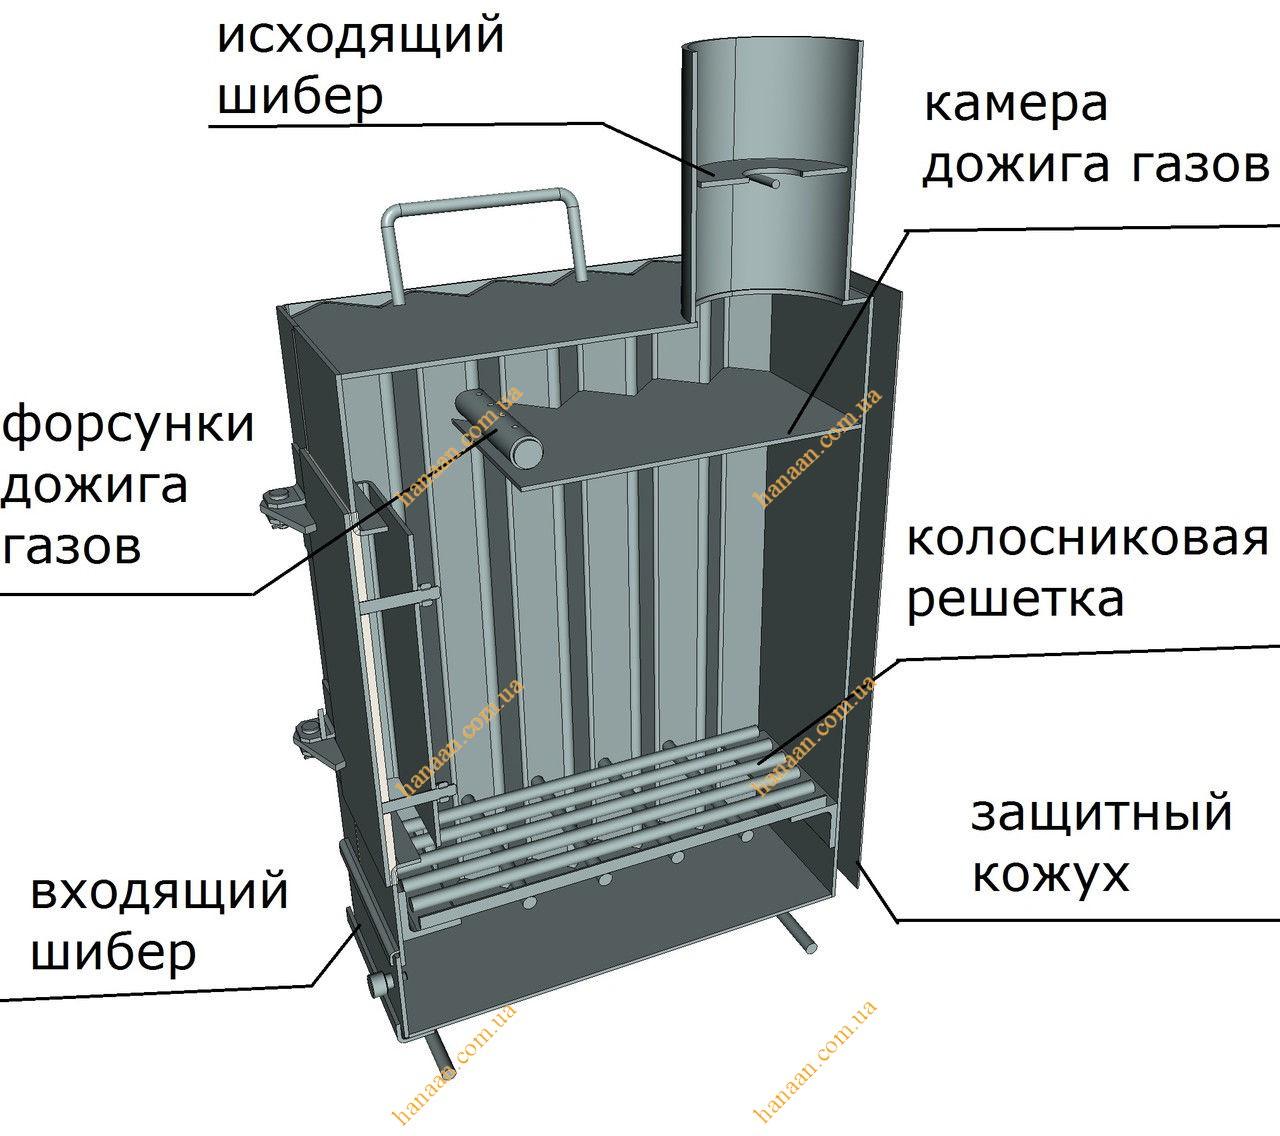 инструкция по эксплуатации печей топ модель